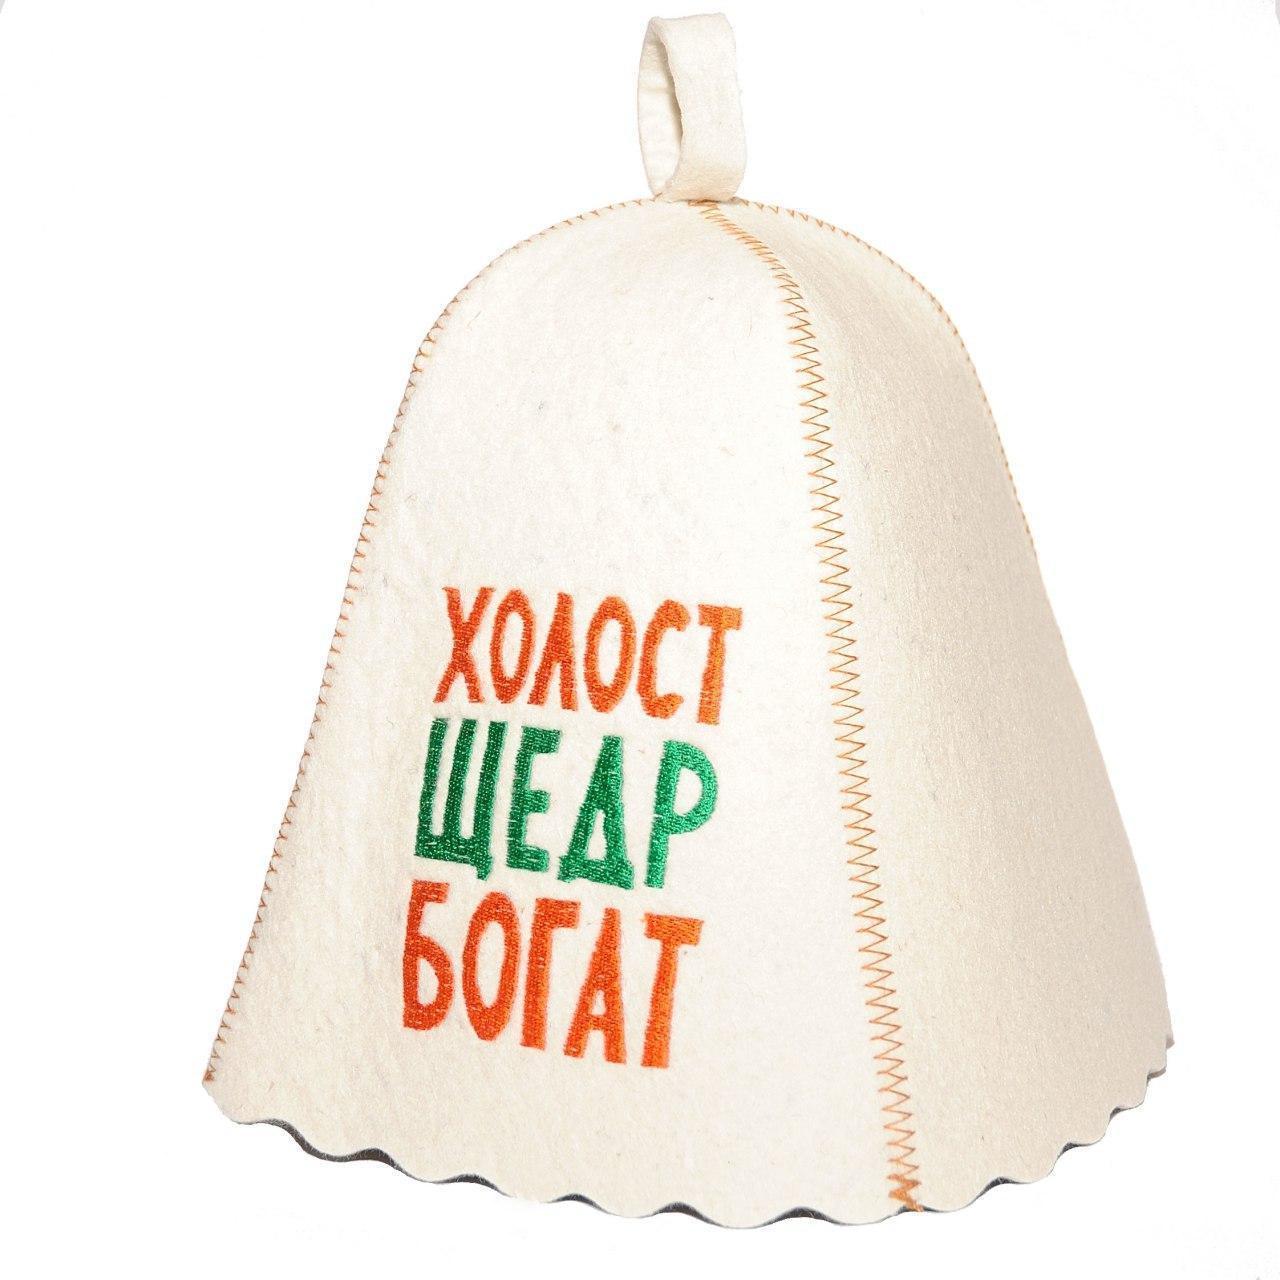 """Банная шапка Luxyart """"Холост щедр богат"""" натуральный войлок белый  (LС-36)"""